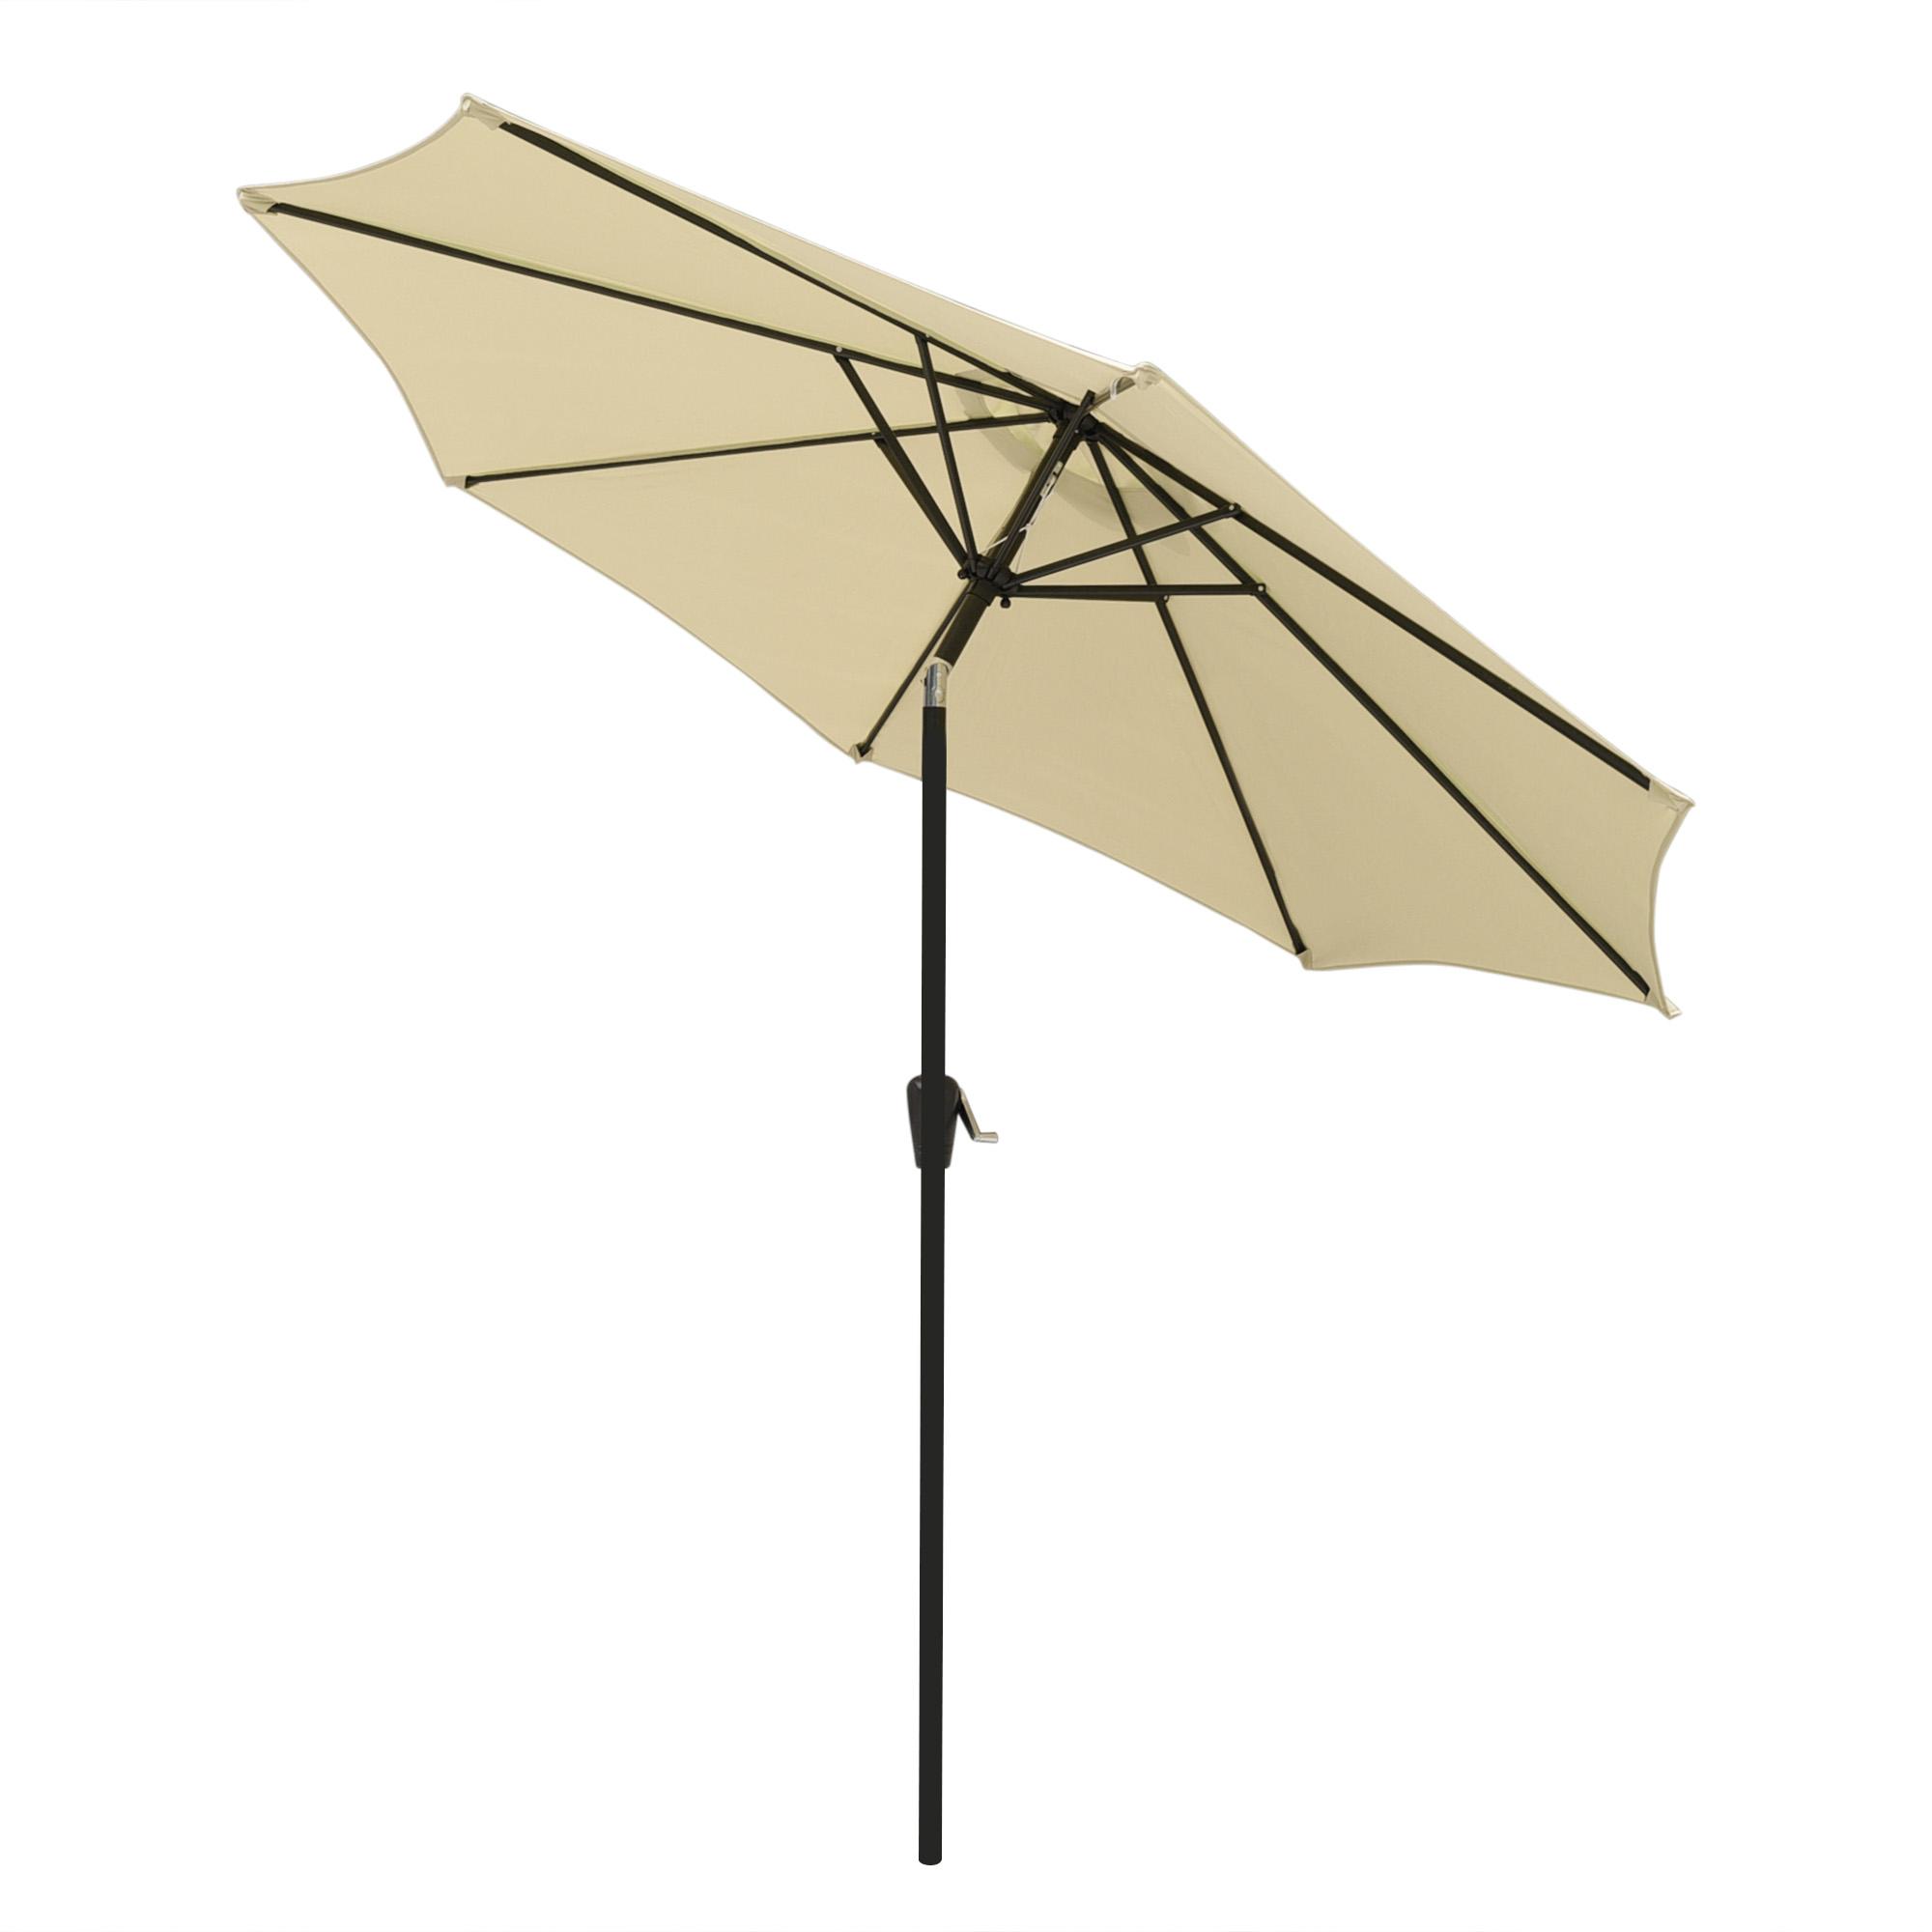 thumbnail 27 - 9' Outdoor Umbrella Patio 8 Ribs Market Garden Crank Tilt Beach Sunshade Parasol